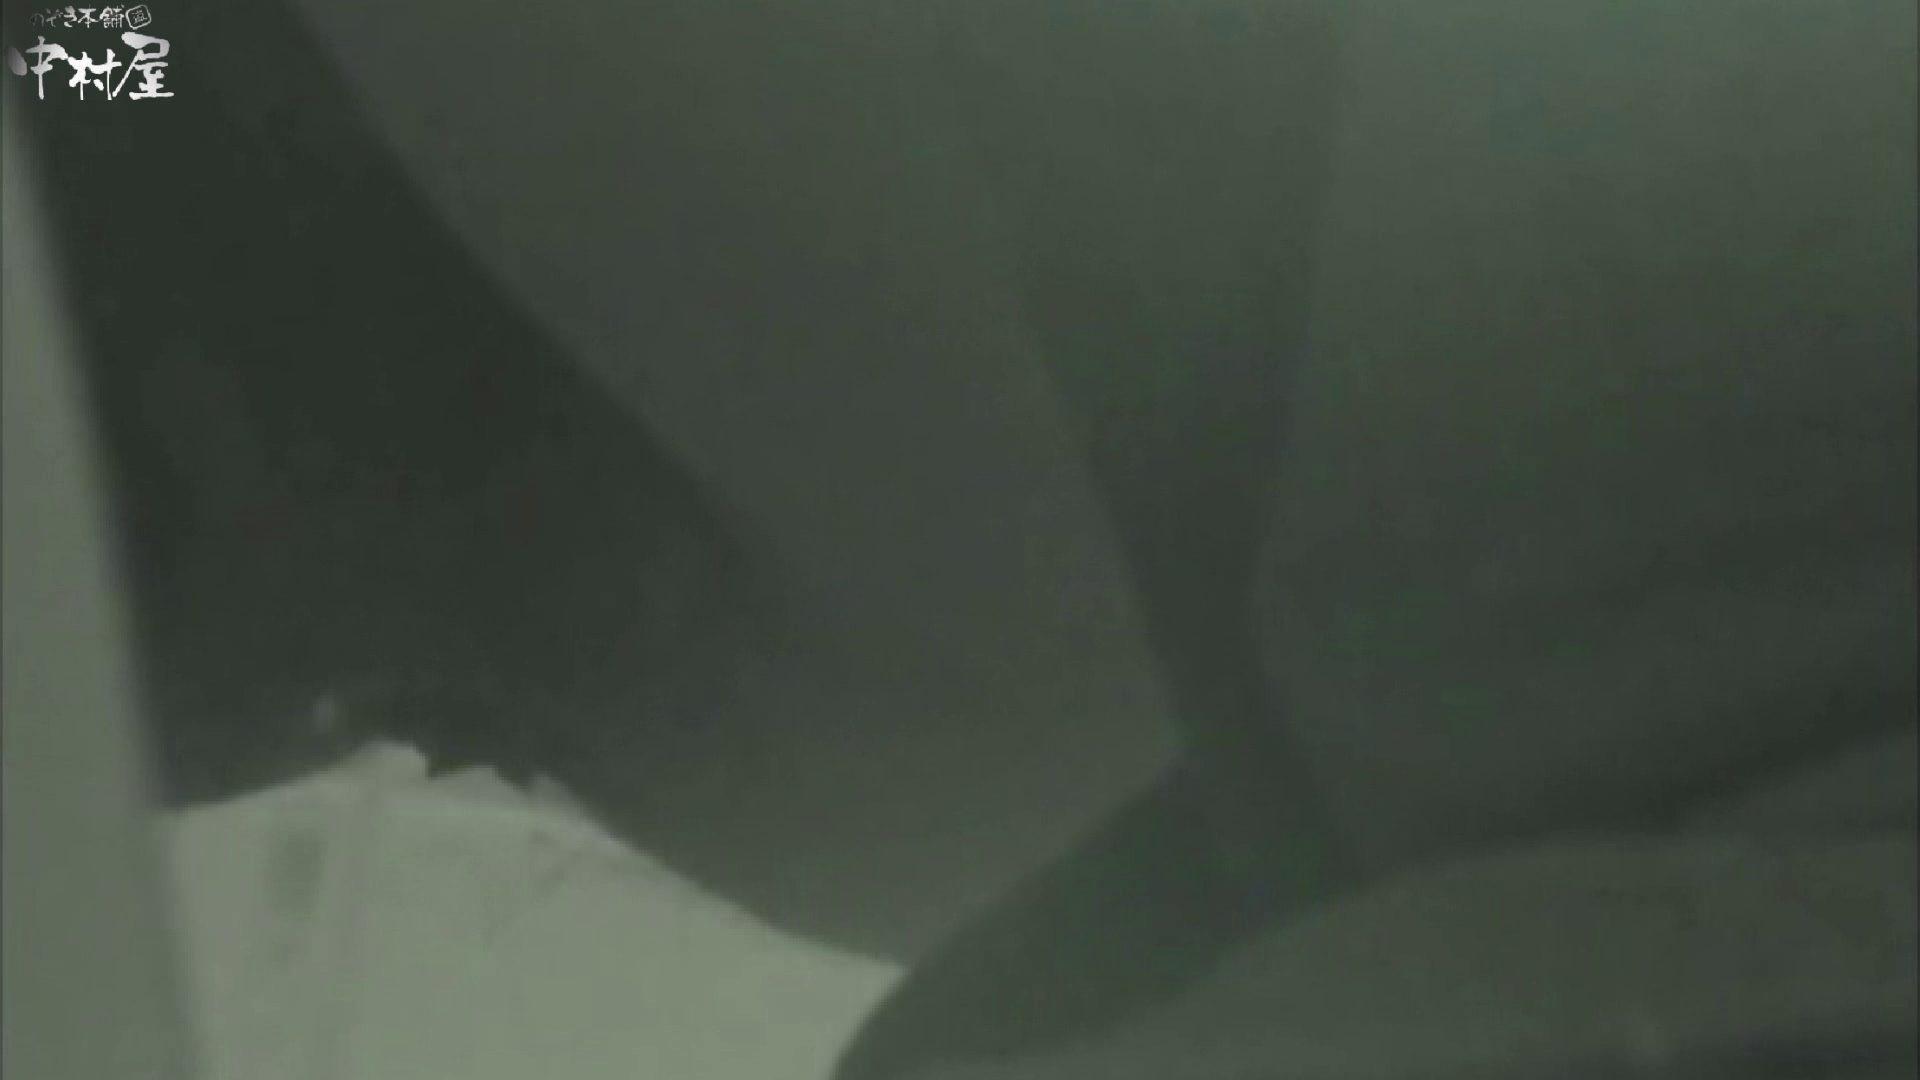 解禁!海の家4カメ洗面所vol.09 人気シリーズ   洗面所編  97PIX 34